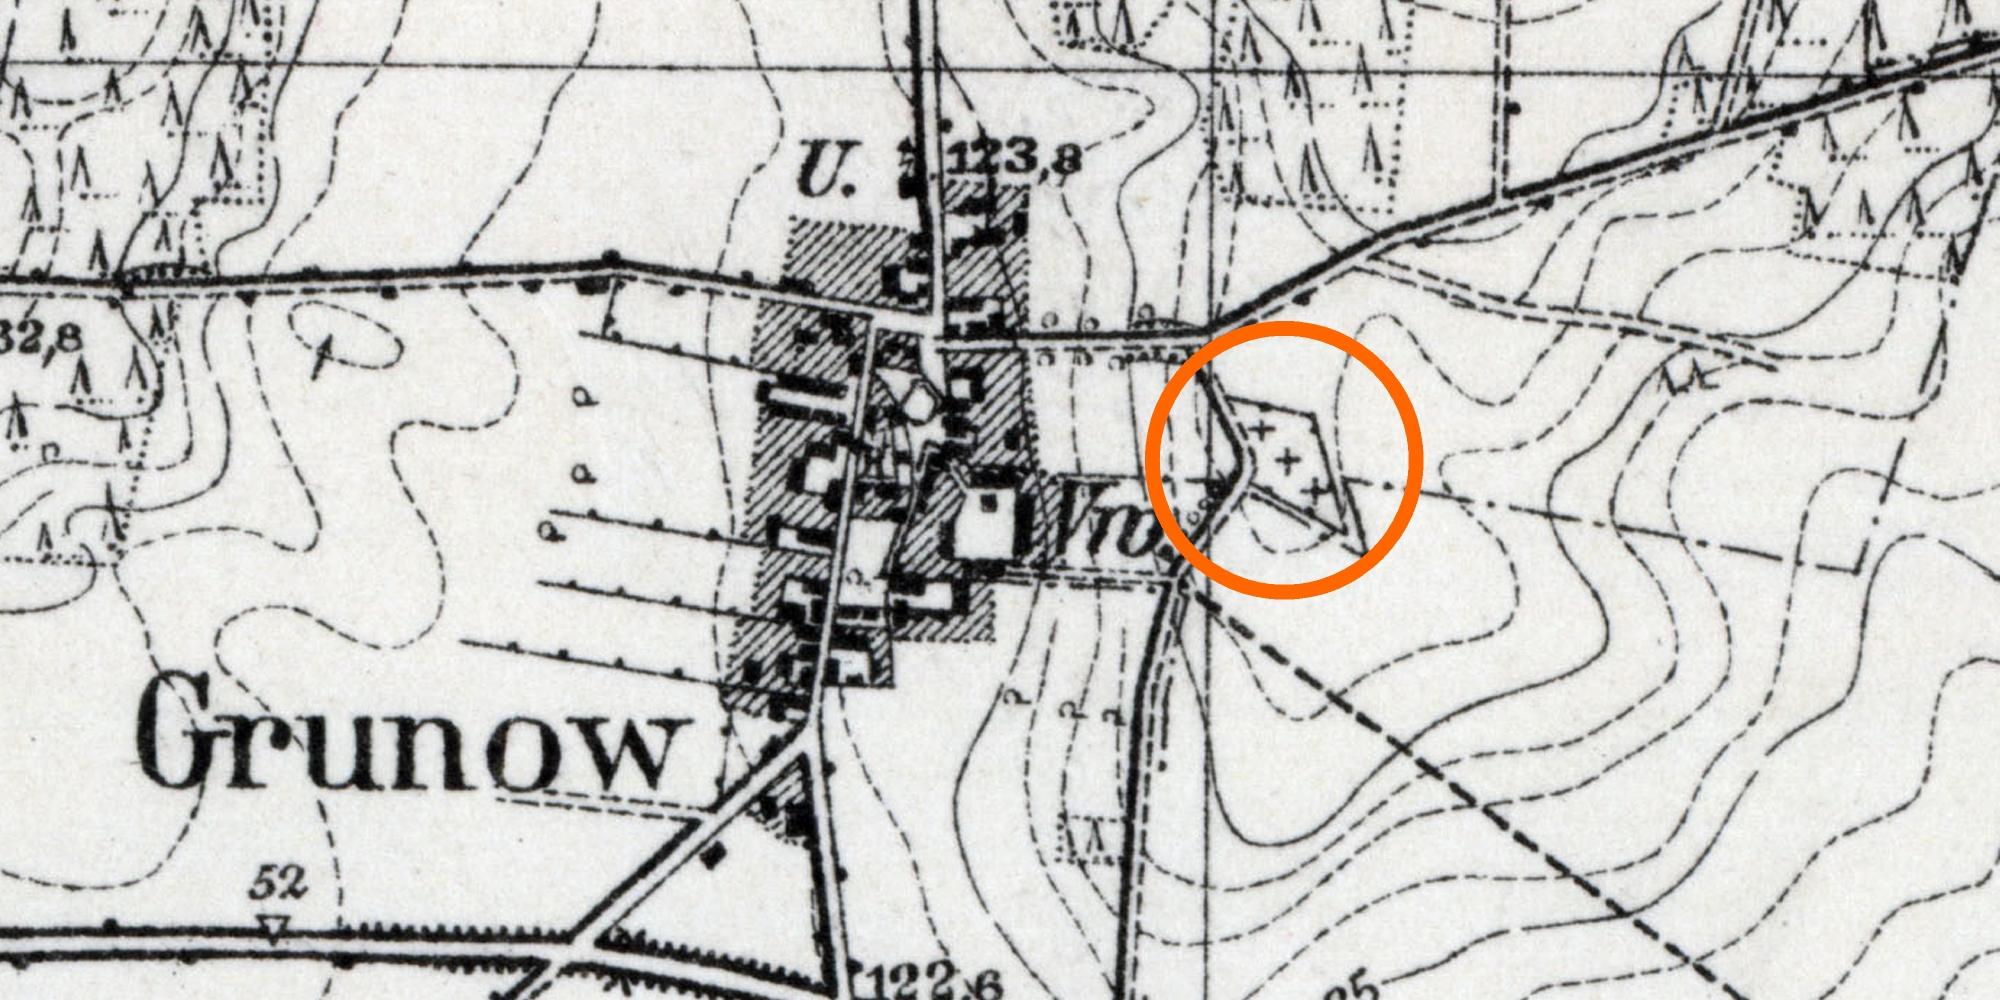 Ahnenforschung Grunow Weststernberg Neumark Friedhof - Veteran, Ullmann, Neumark Tour 2018, Neumark, Grunow, Friedhof, Drose, Befreiungskriege, 1879, 1872, 1799, 1794